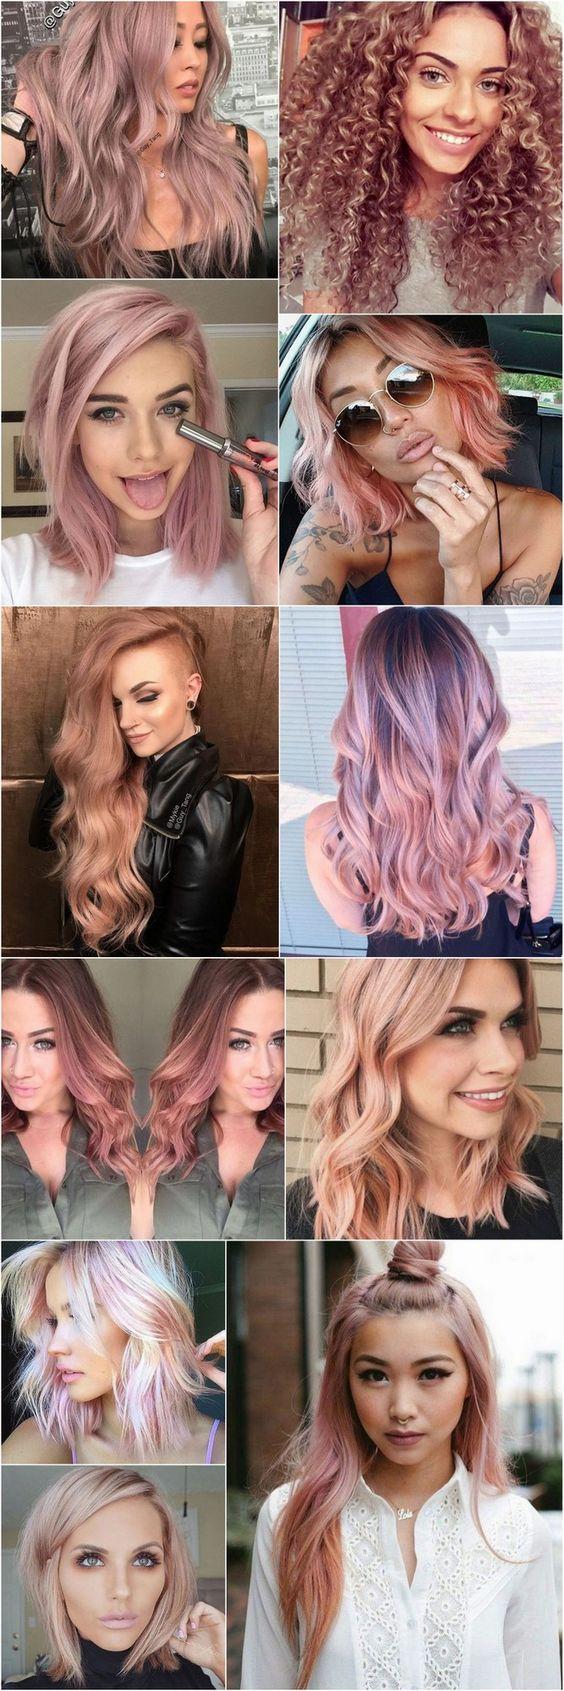 Cabelos coloridos: A tendência de cor para 2016 e 2017 é o Loiro Rosé (ou rose gold hair), quase um ouro rosé ou um rosa envelhecido pastel. A cor foge dos loiros platinados e acinzentados, dando mais vida e alegria. Combina com todos os tons de pele e tipos de cabelo. Vejam o cabelo cacheado loiro rosé como ficou lindo, eu amei. #LoiroRosé #RoseGold #CabelosColoridos: